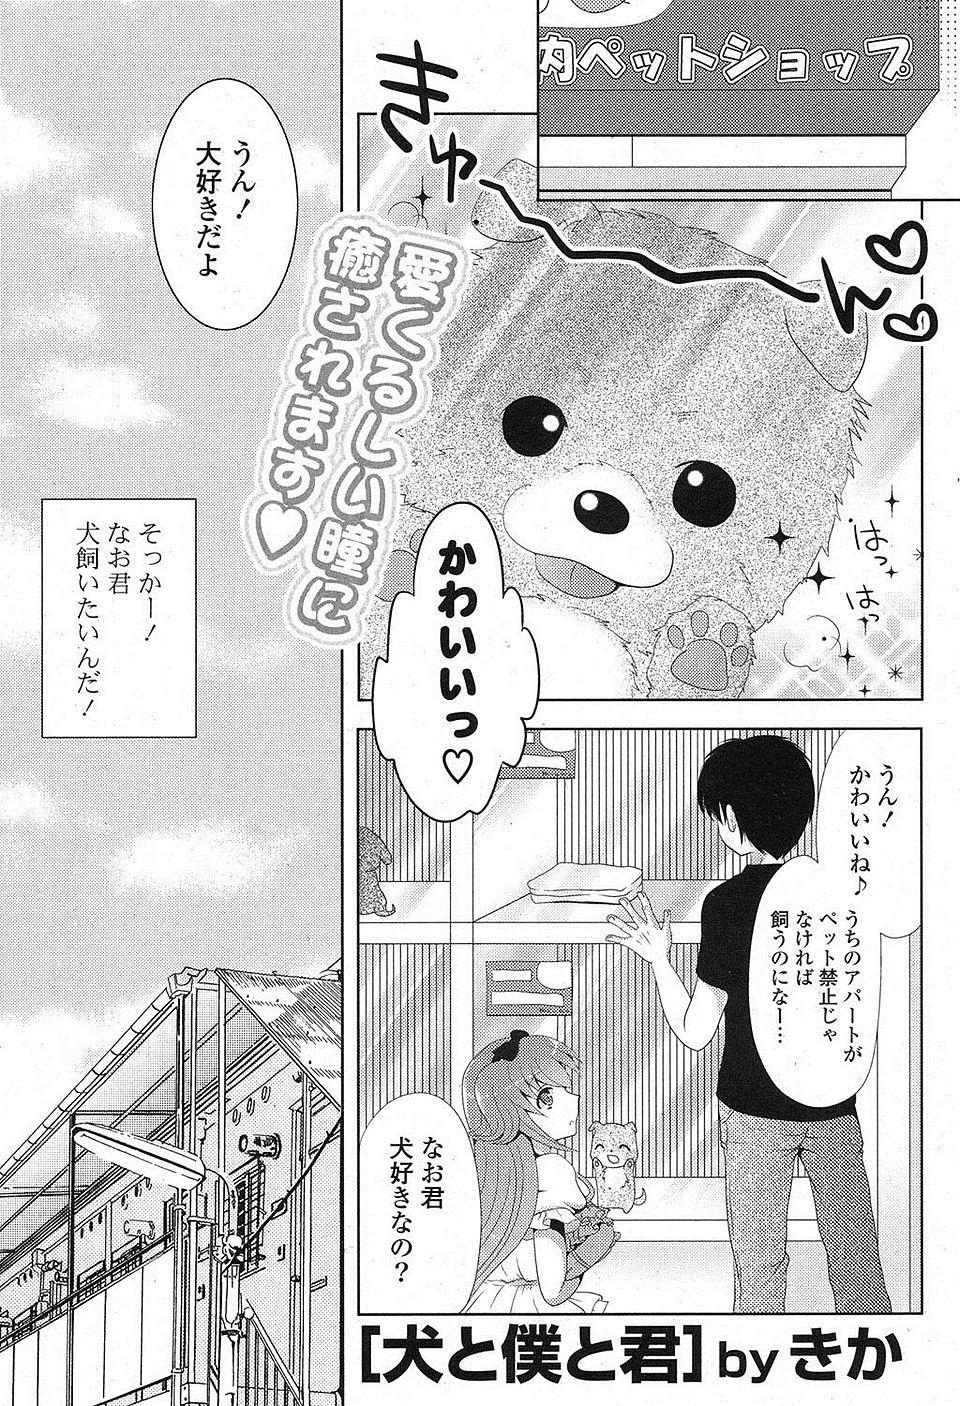 【エロ漫画・エロ同人誌】巨乳彼女に首輪つけてエッチしちゃったwww